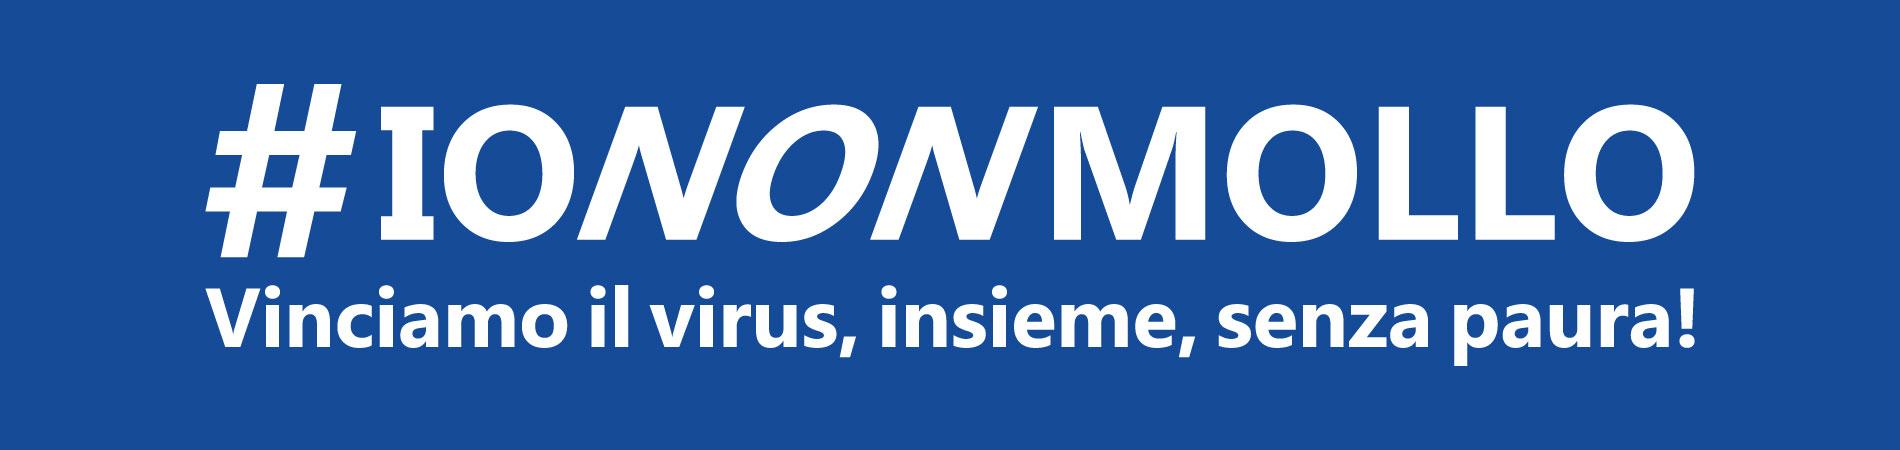 Homepage #iononmollo